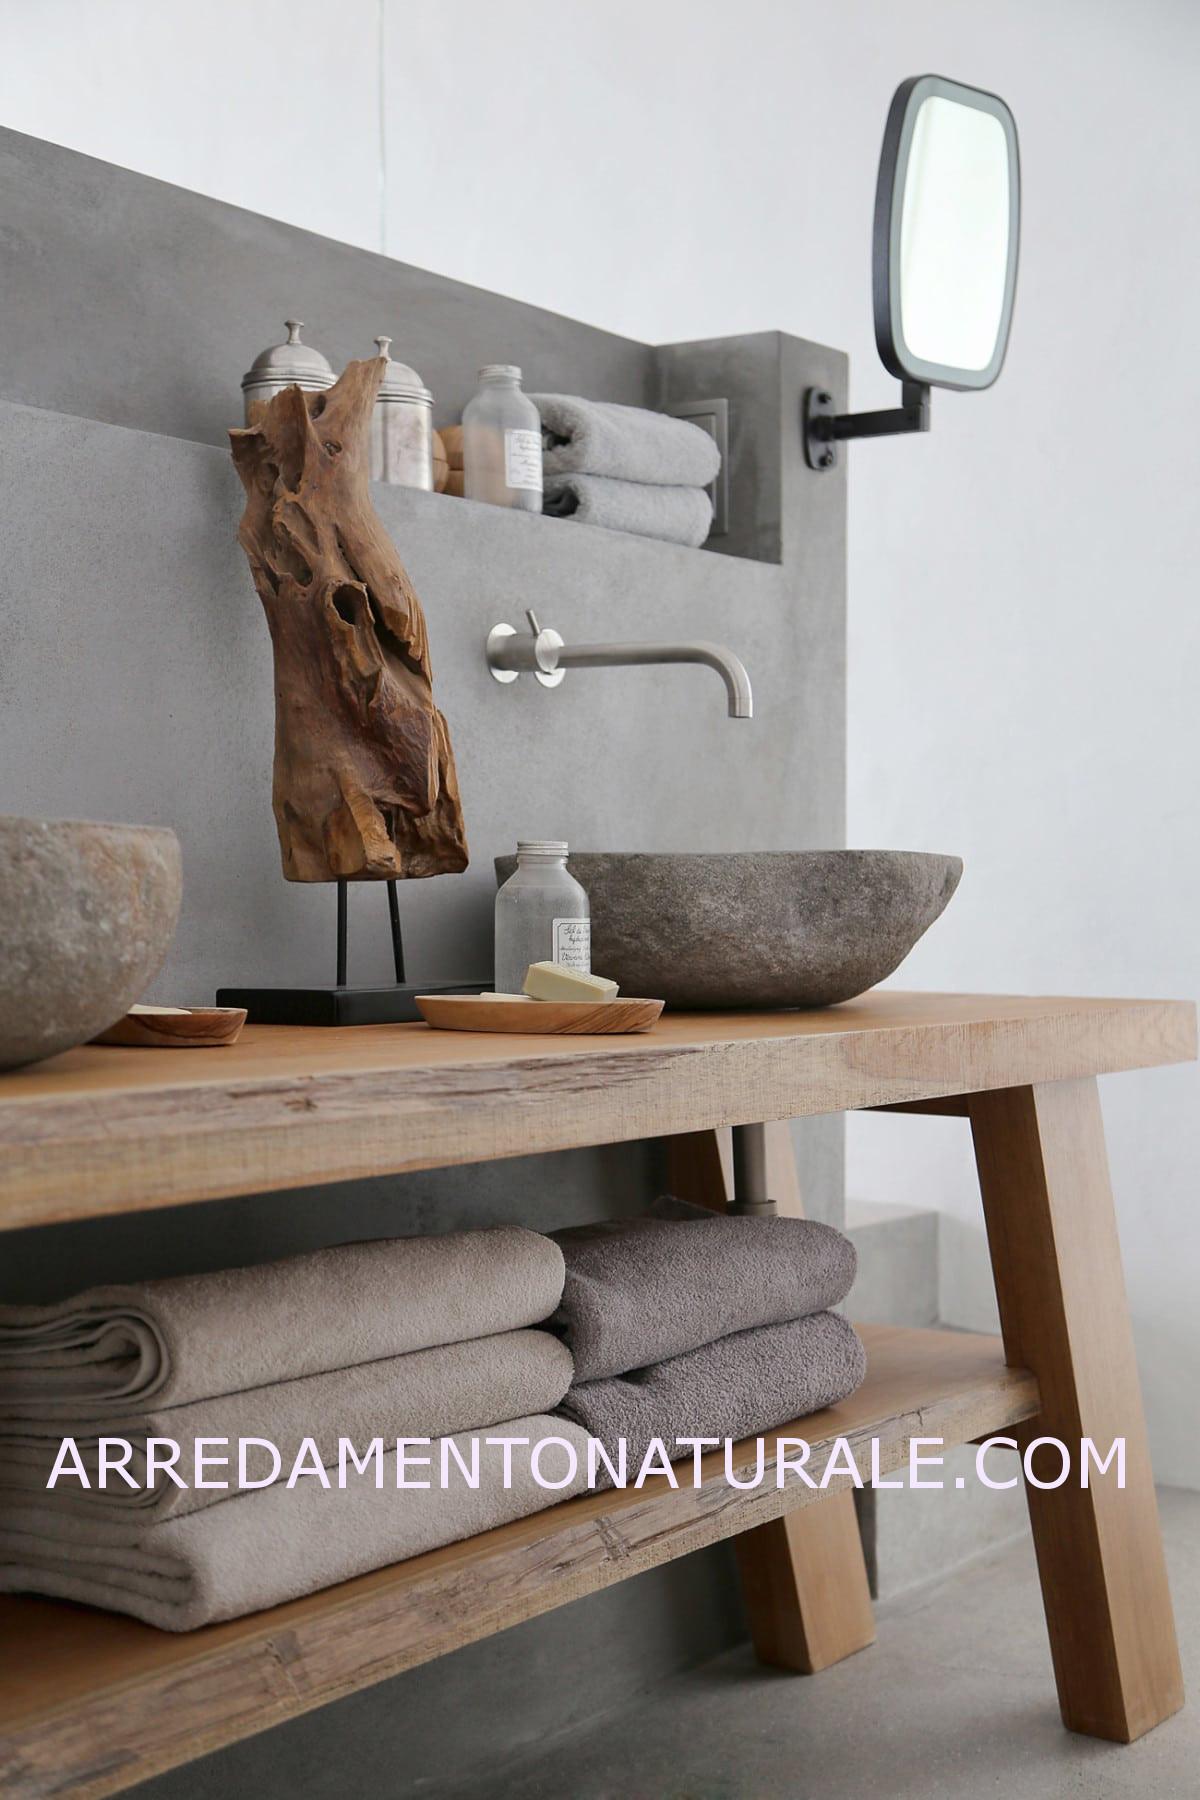 Mobili da bagno in legno massello su misura con essenze pregiate teak rovere larice - Mobili bagno legno massiccio ...